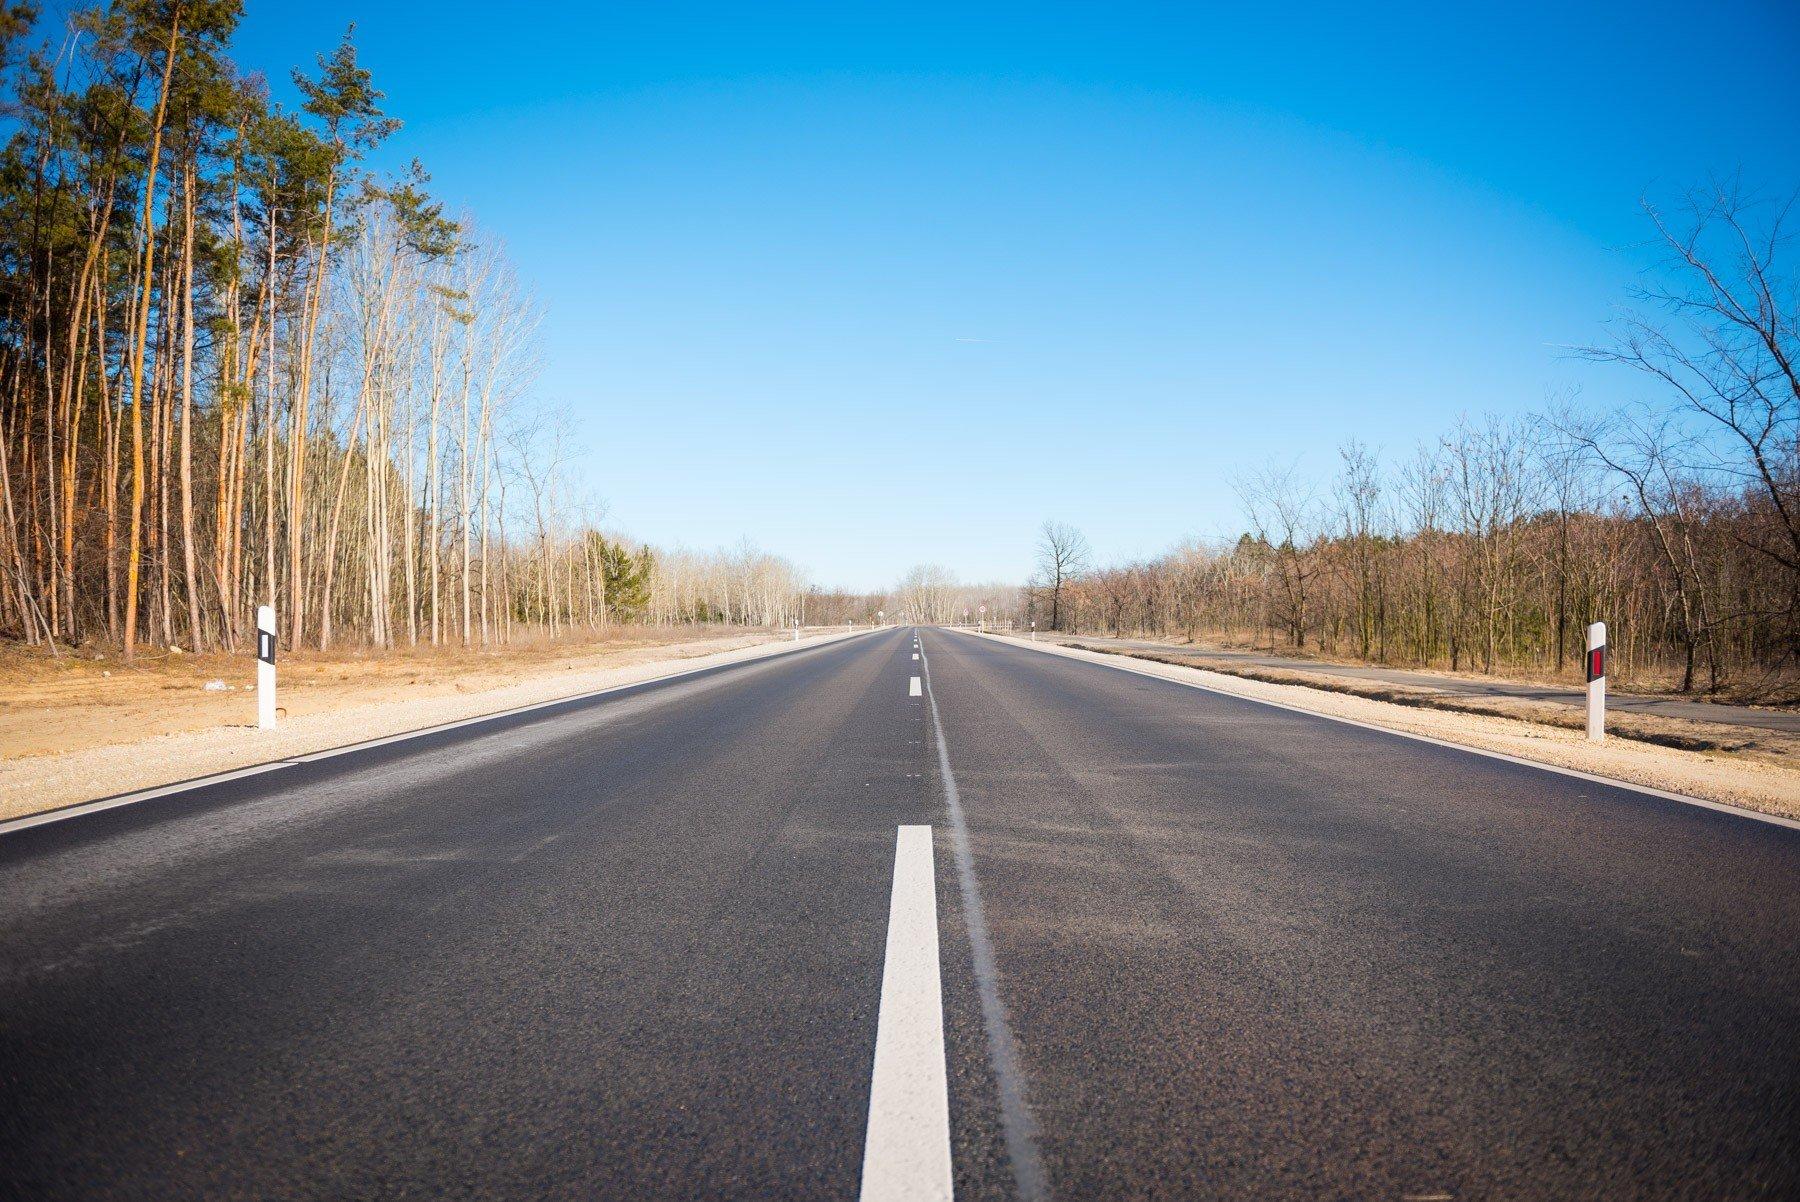 Ezek a legveszélyesebb utak Magyarországon